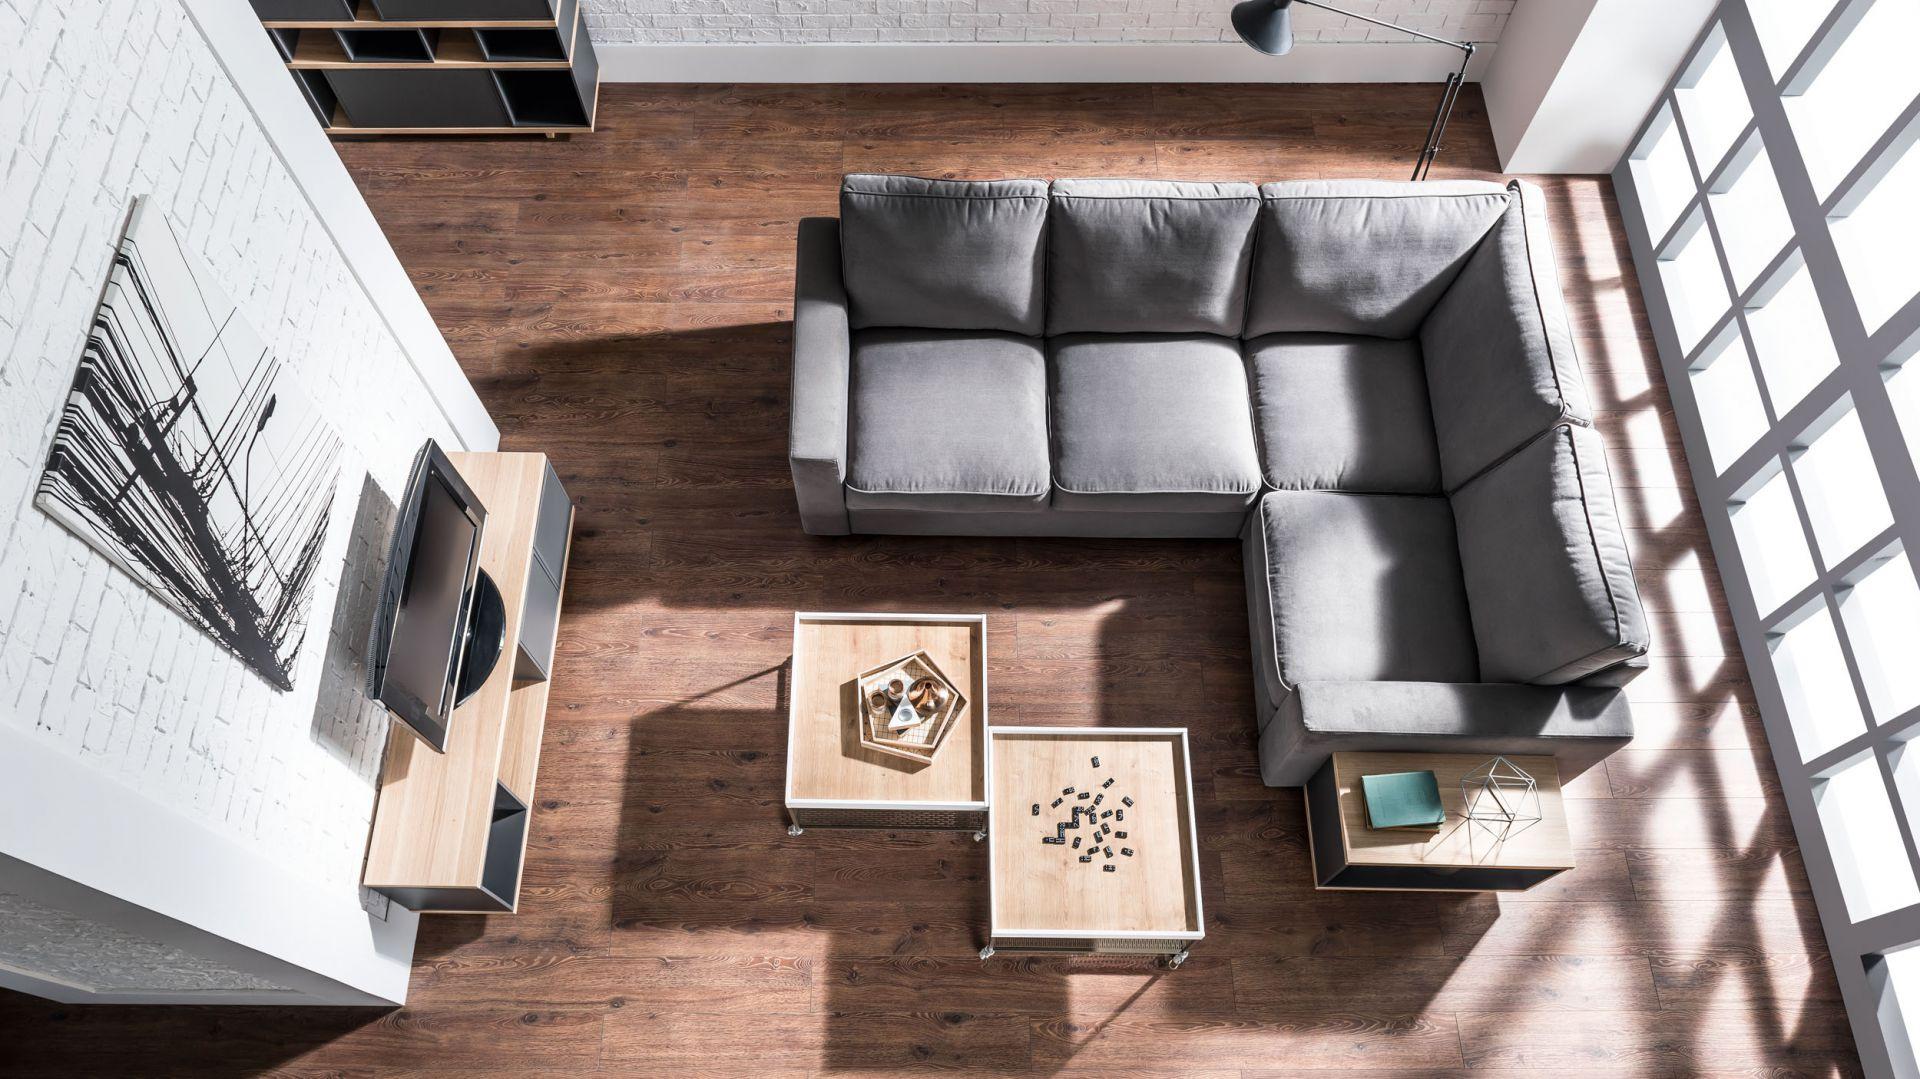 Nowe kolekcje paneli podłogowych. Fot. Vox